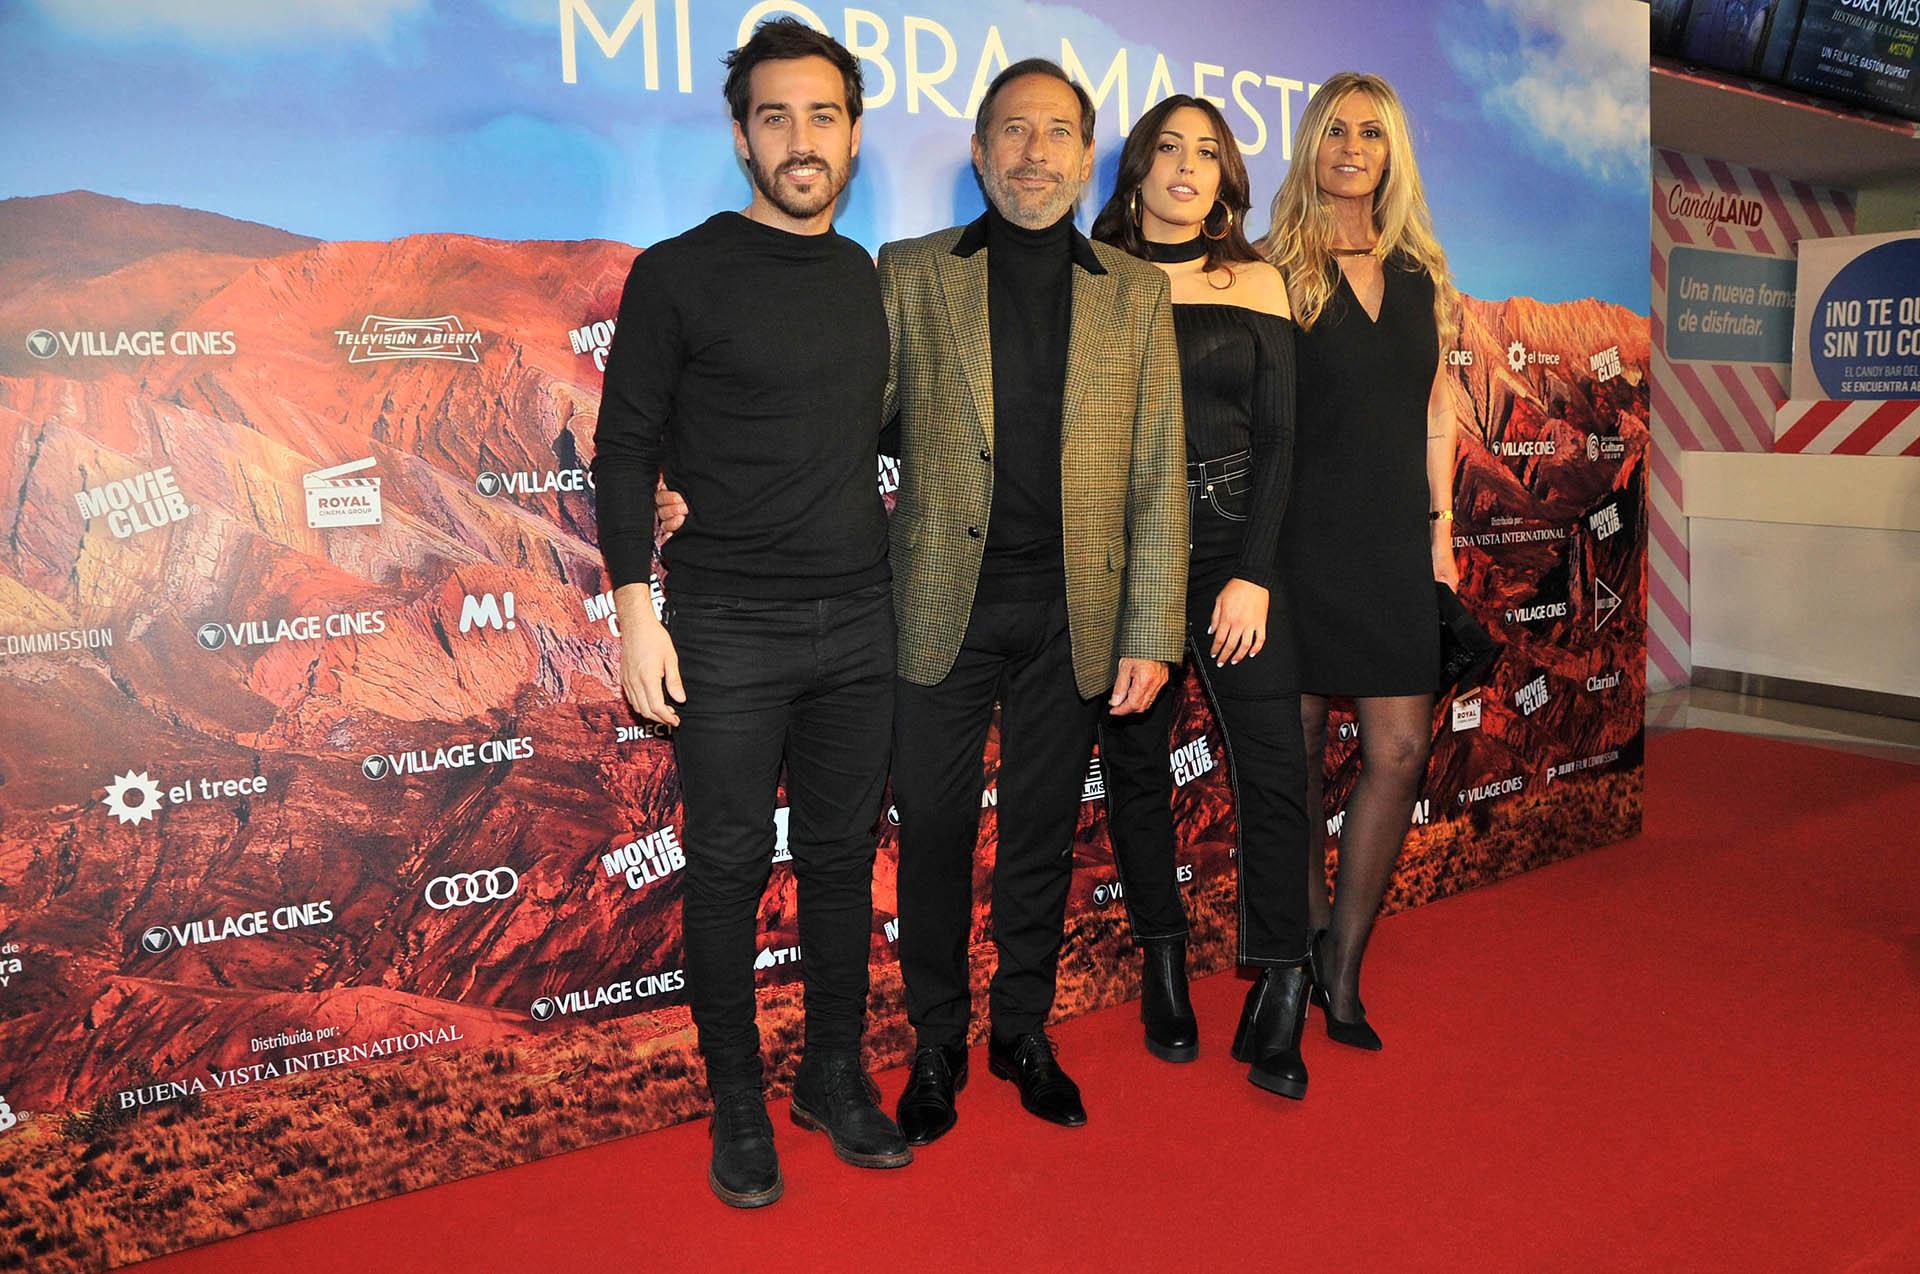 La familia Francella: Nicolás, Guillermo, Johanna y Marynés